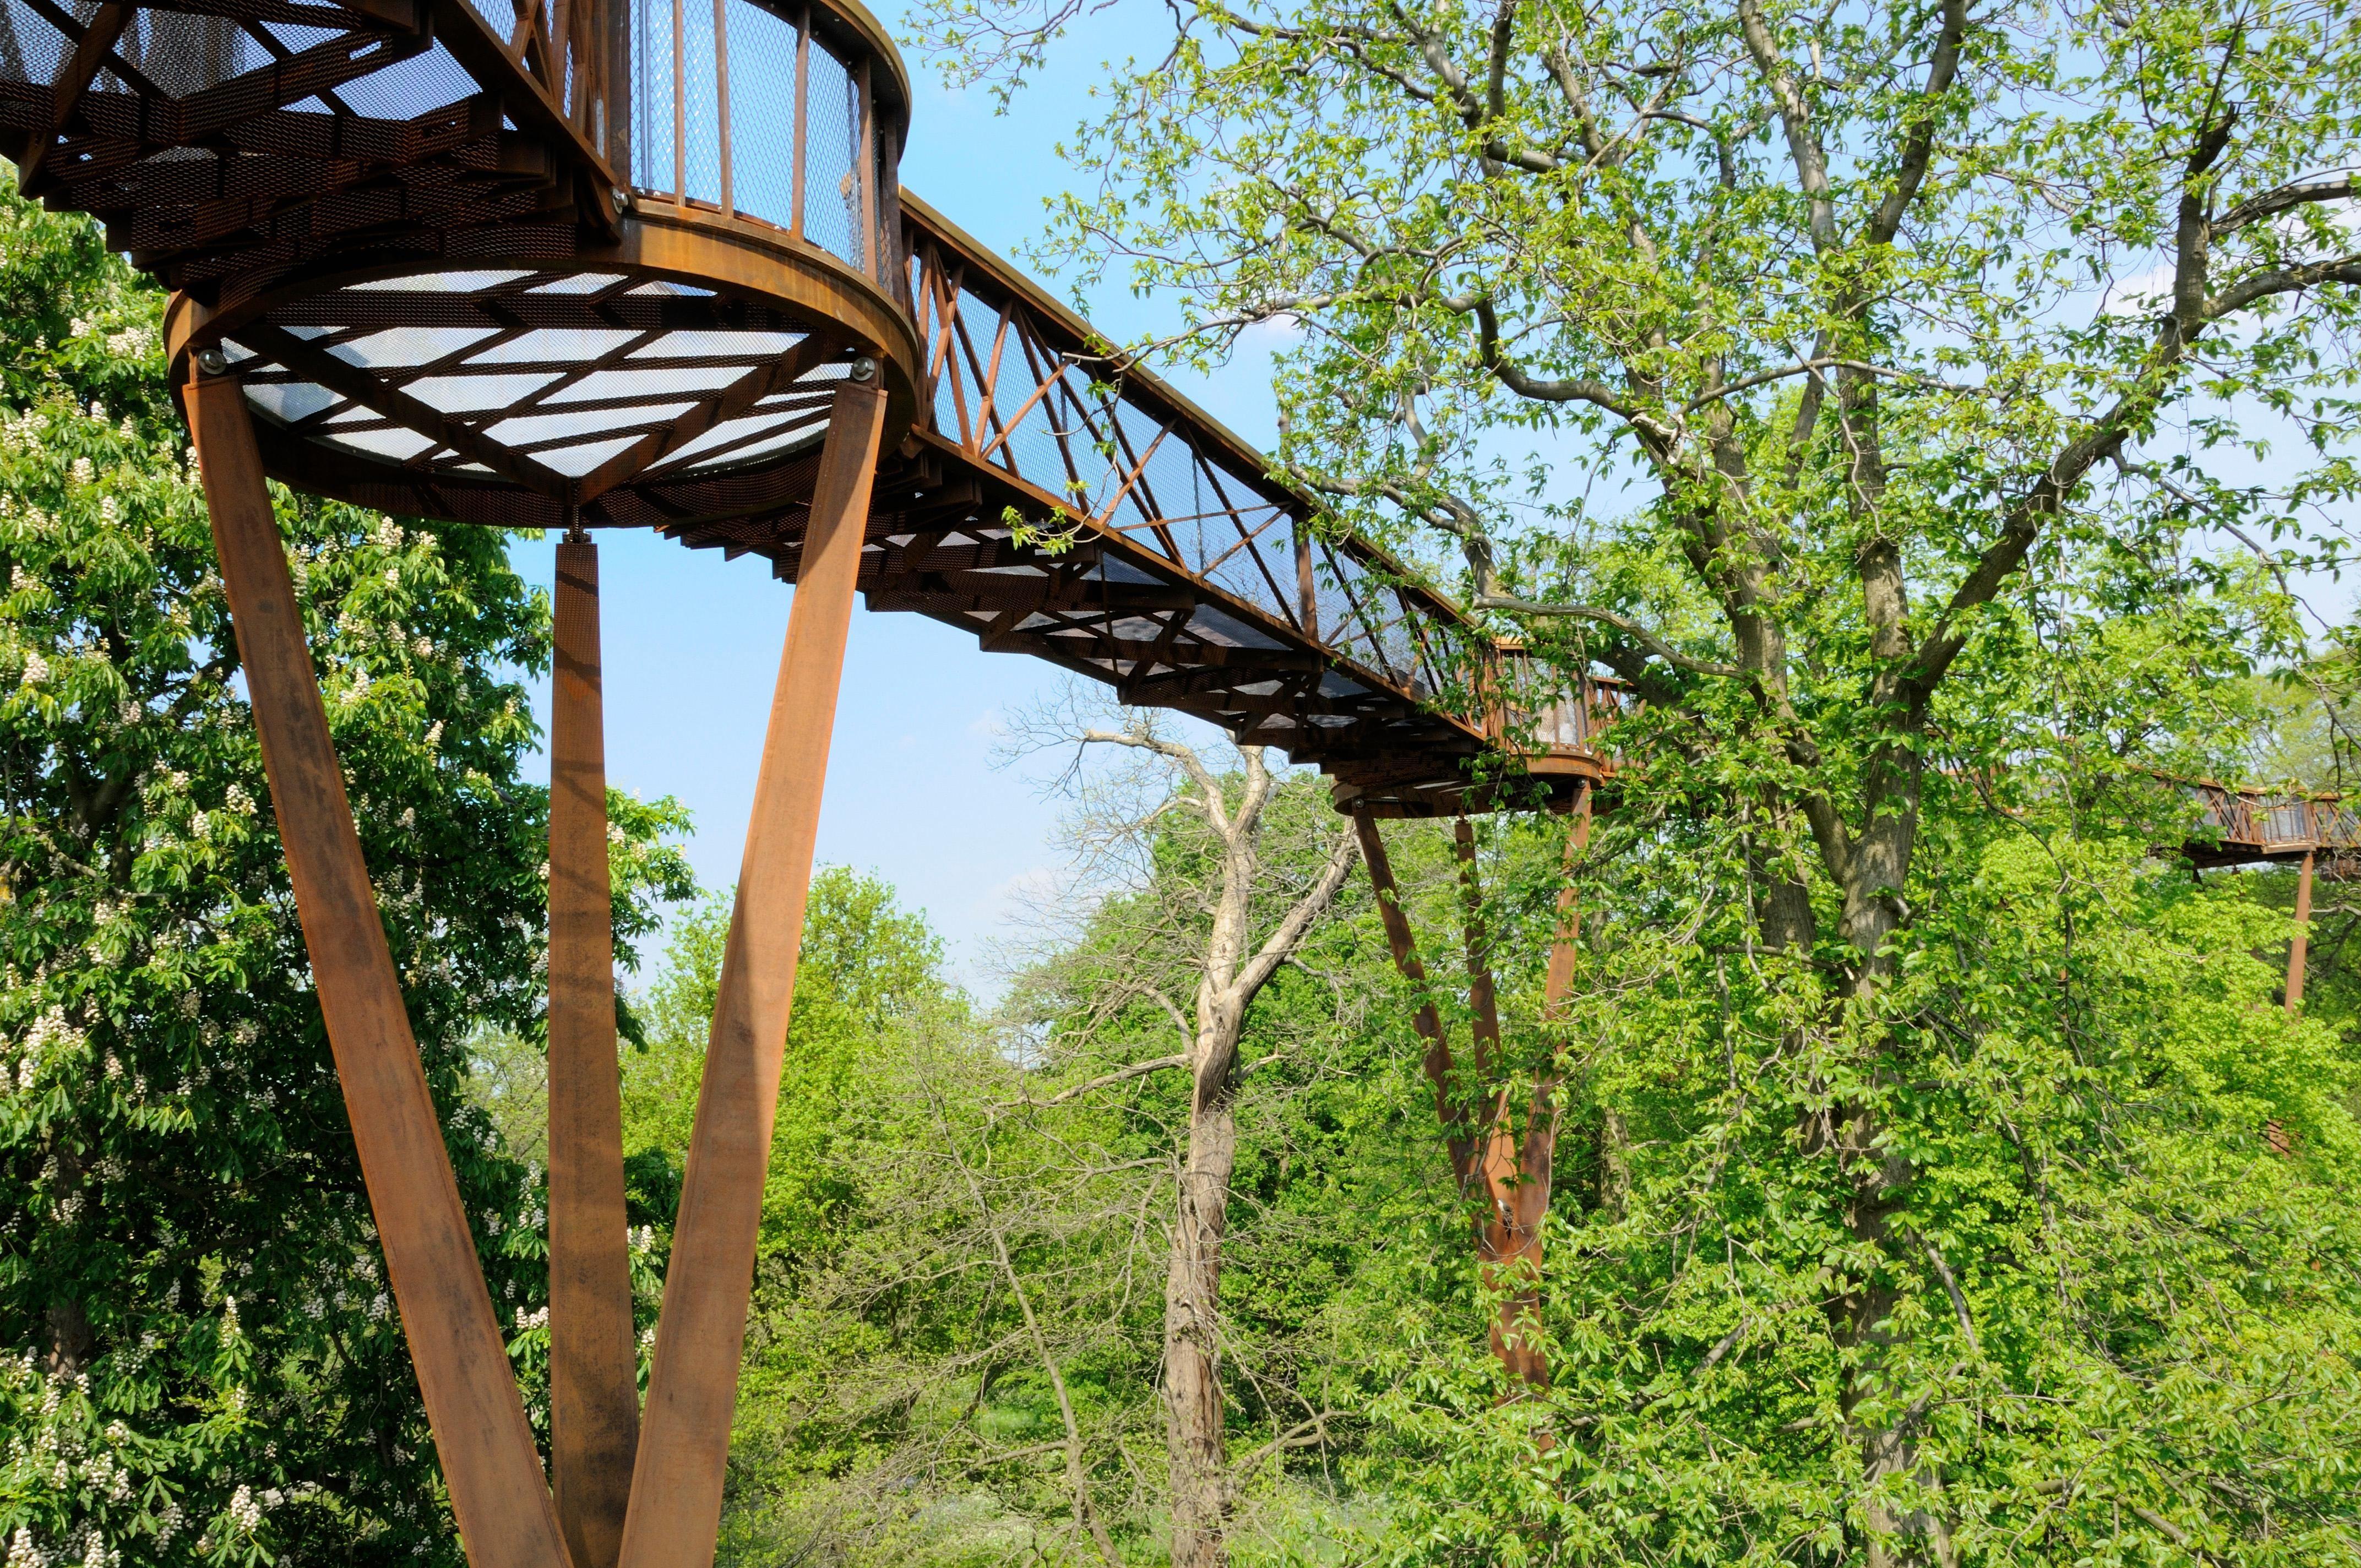 c601a28dc5363938cc7c91e6c1af4e60 - How High Is The Tree Top Walk At Kew Gardens